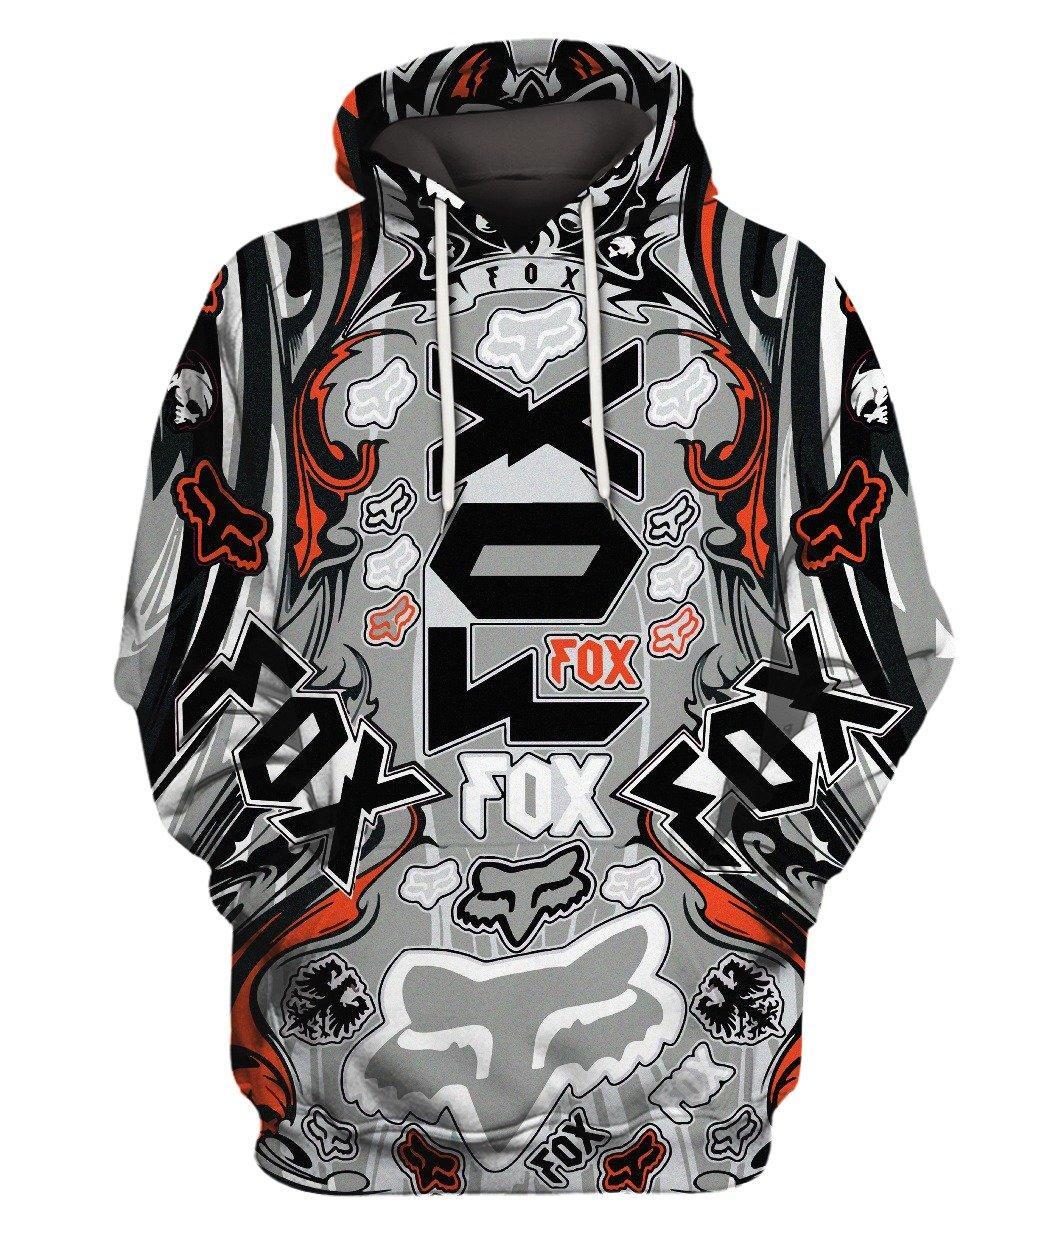 Fox Bike Grey 3d Full Print Hoodie 3d Graphic Printed Tshirt Hoodie Up To 5xl